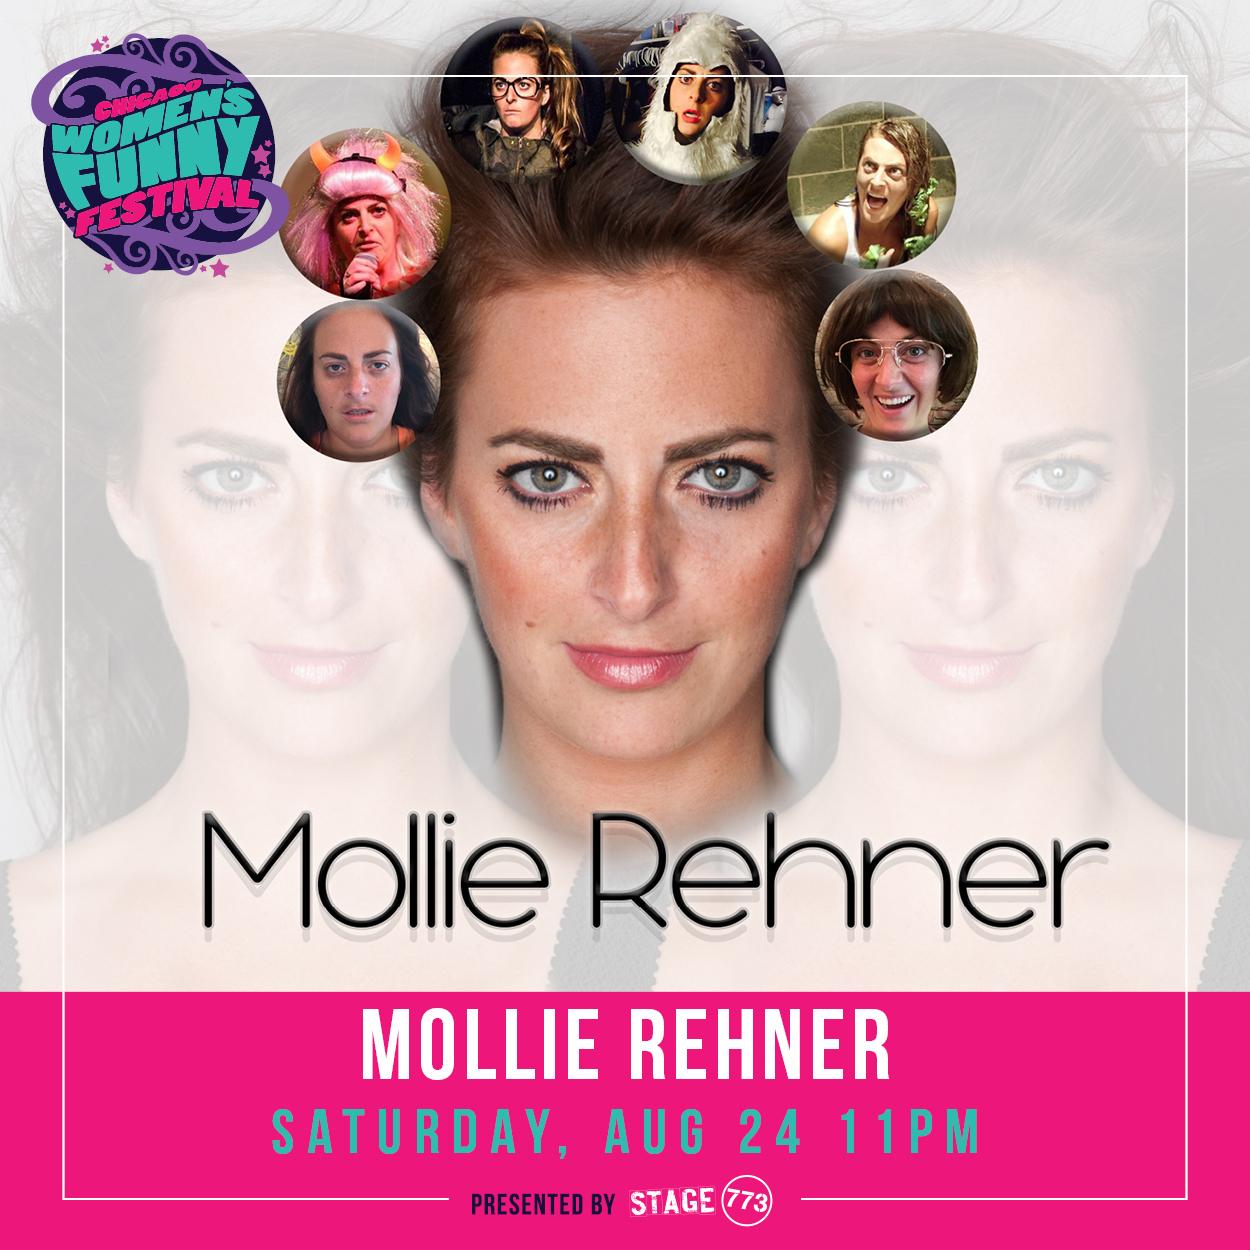 MollieRehner_Saturday_11PM_CWFF2019.jpg